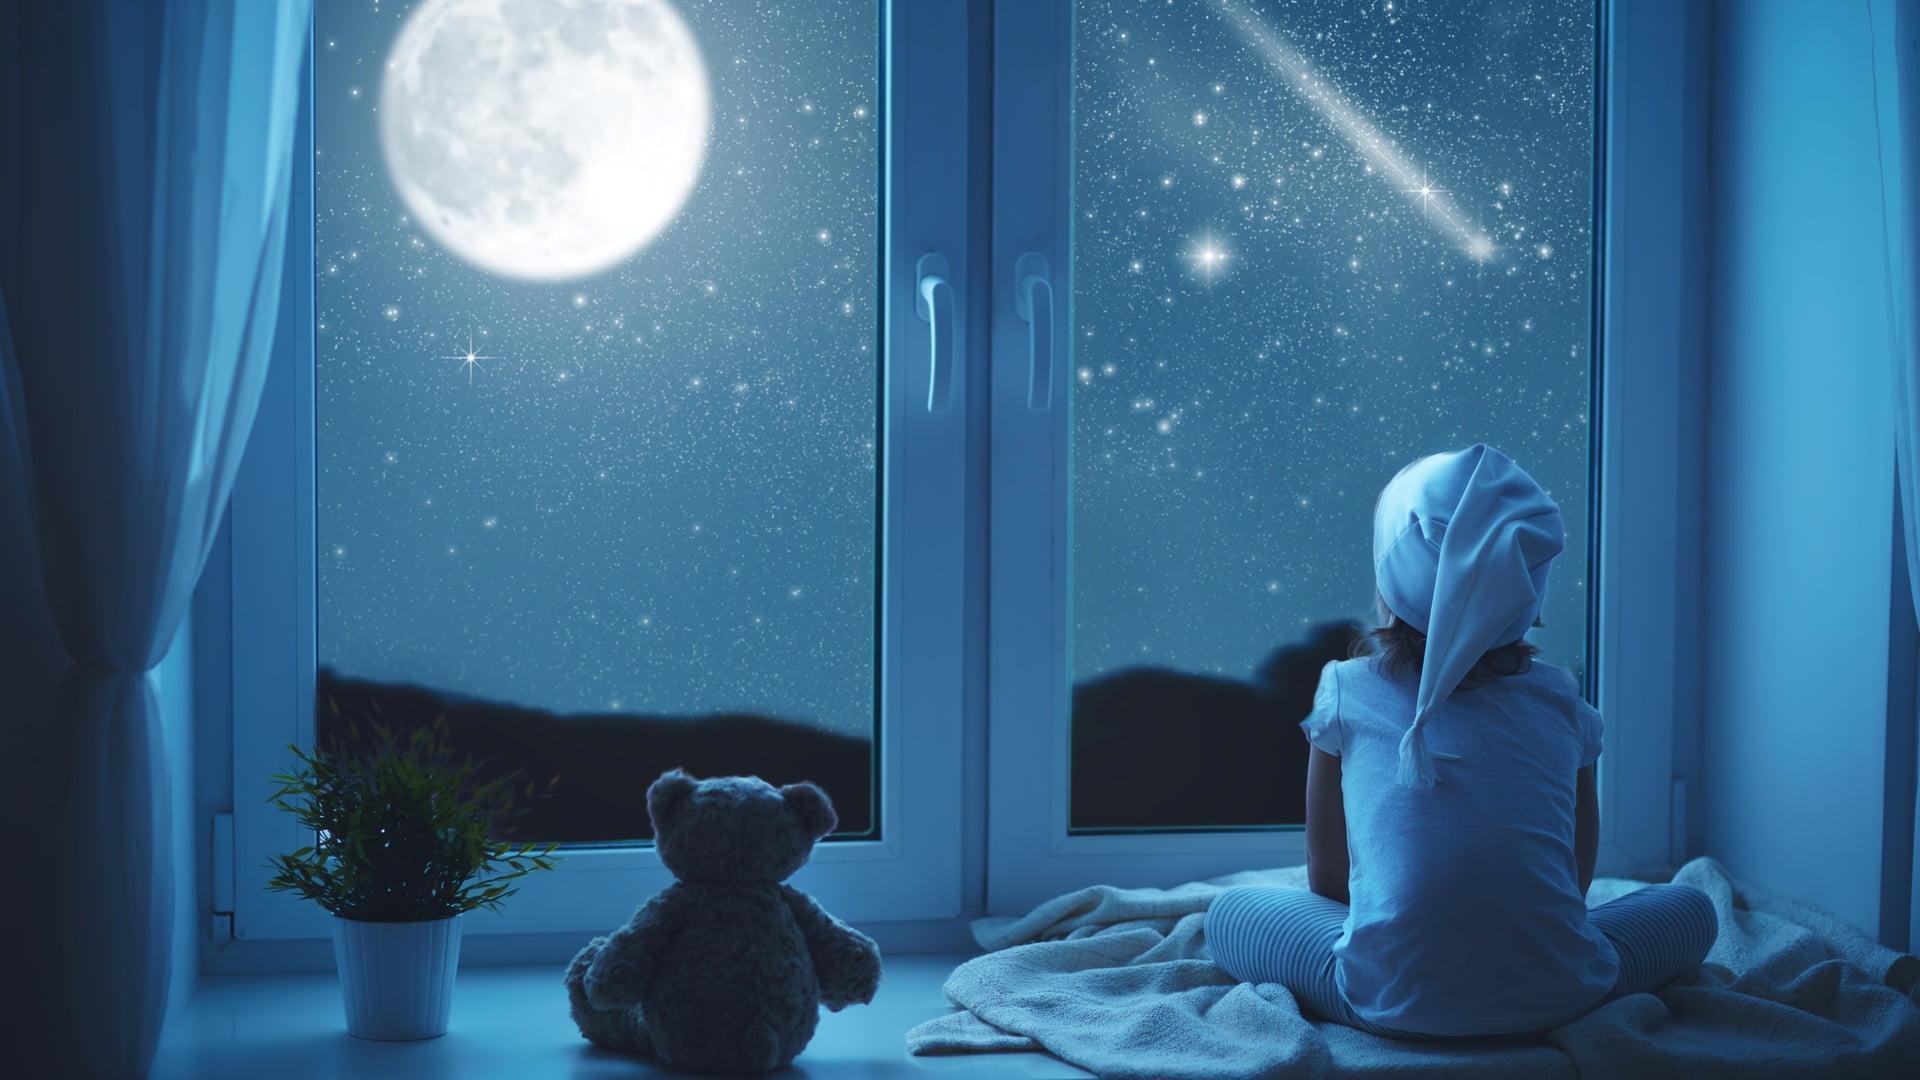 Бессонница - советы экспертов: 8 способов снова заснуть после пробуждения ночью